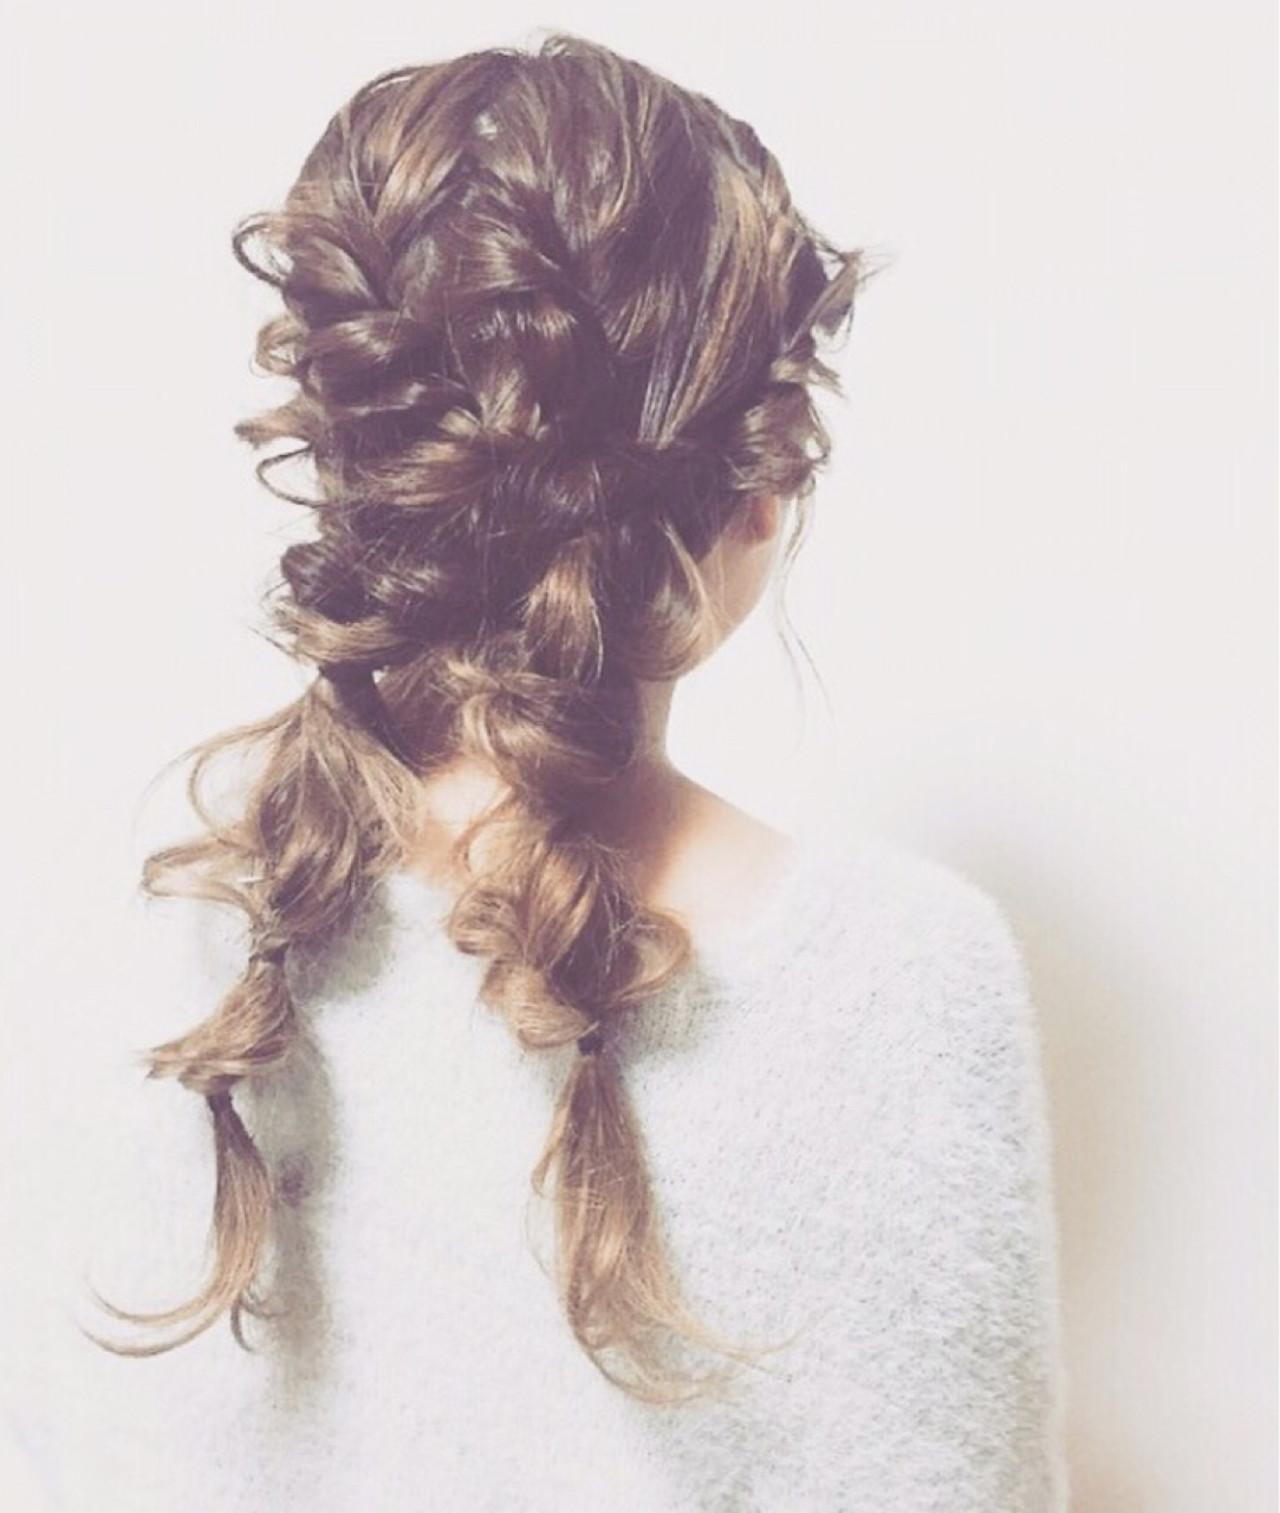 ツインテール ゆるふわ ロング 編み込み ヘアスタイルや髪型の写真・画像 | 松下 みちる / snob AnBlick